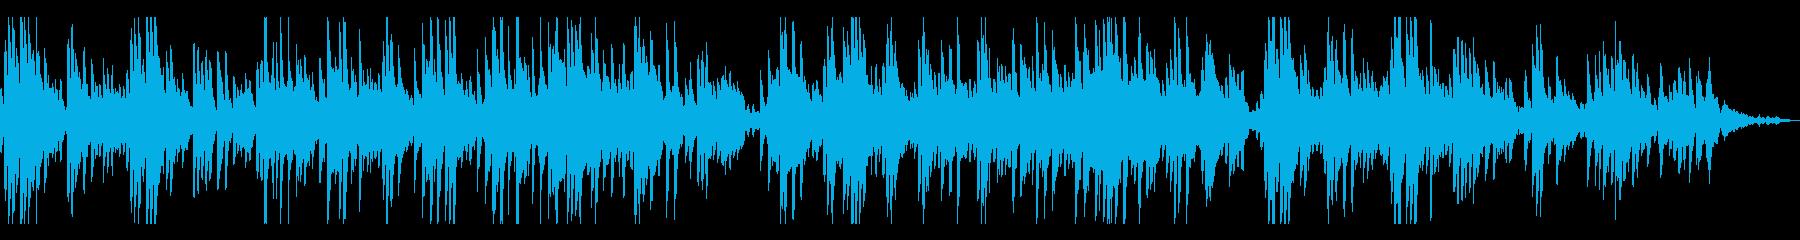 アナログで優しい思い出 ピアノソロの再生済みの波形